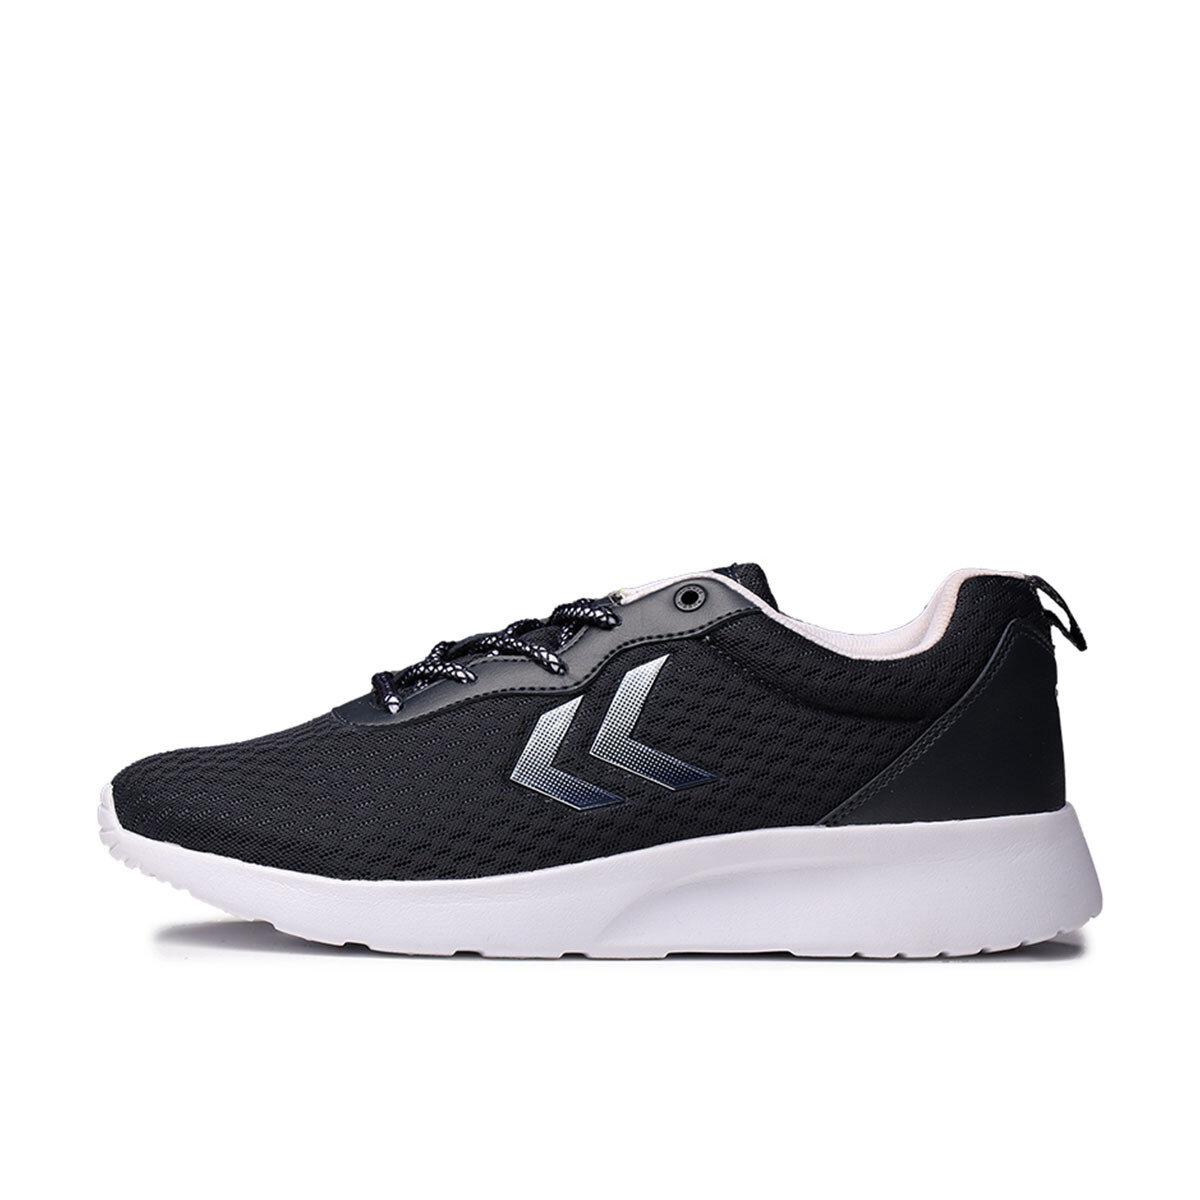 Hummel Hmloslo Sneaker 4 Mavi Erkek Sneaker Ayakkabi 100551134 Flo